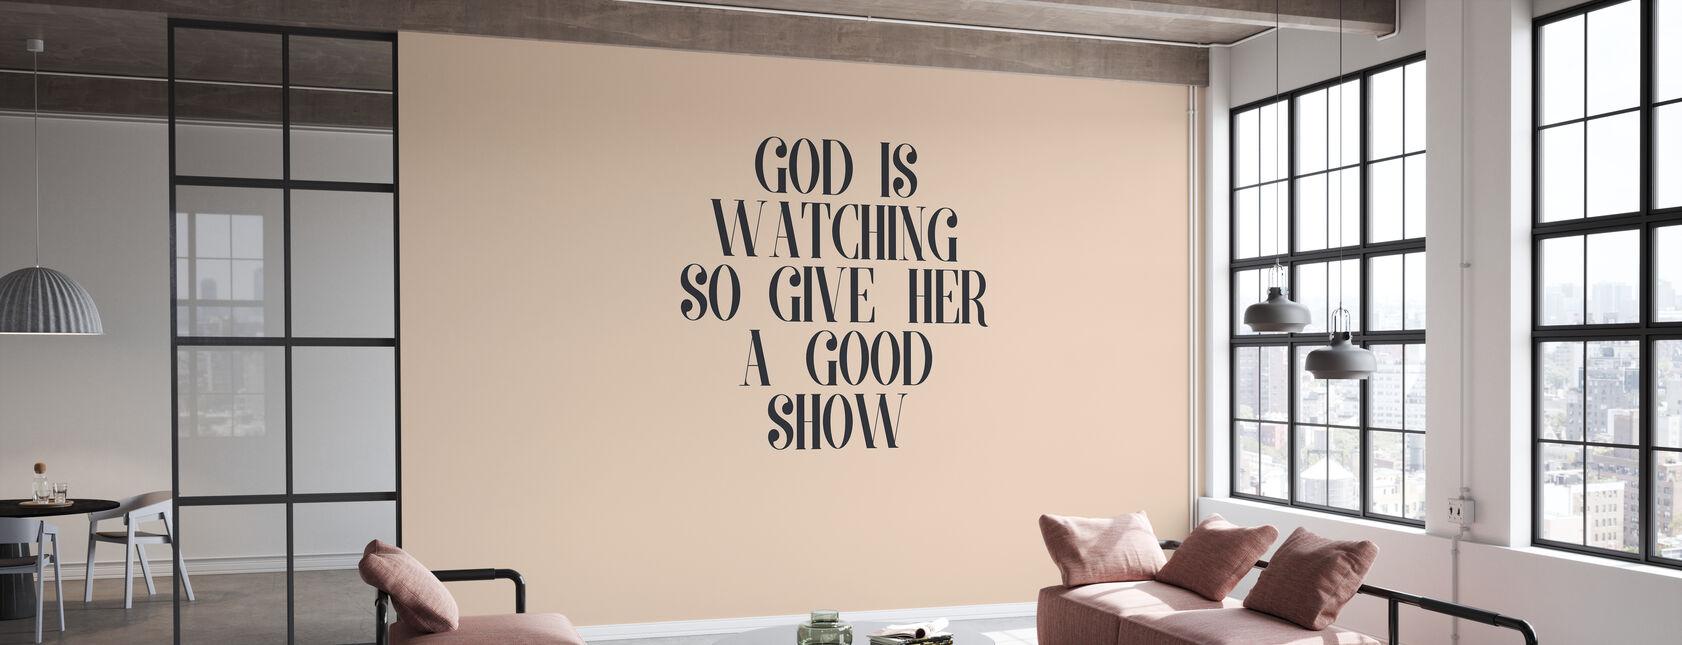 Jumala katselee - Tapetti - Toimisto